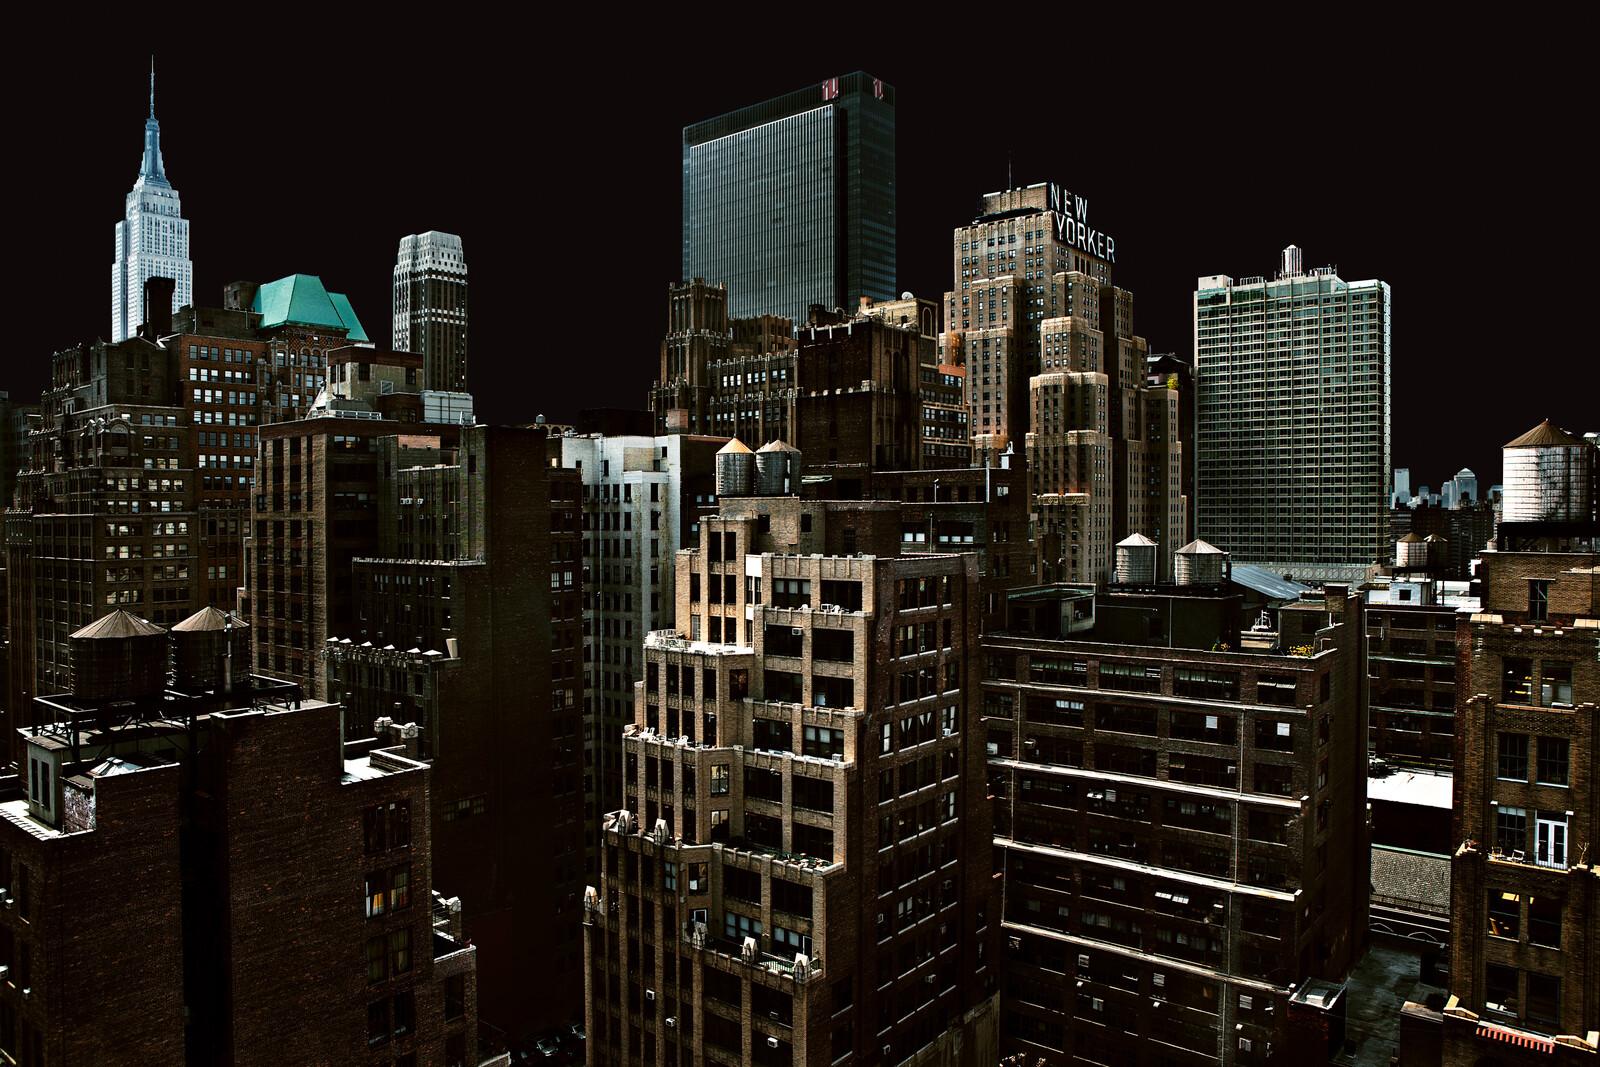 Darklight III - Lutz Hilgers